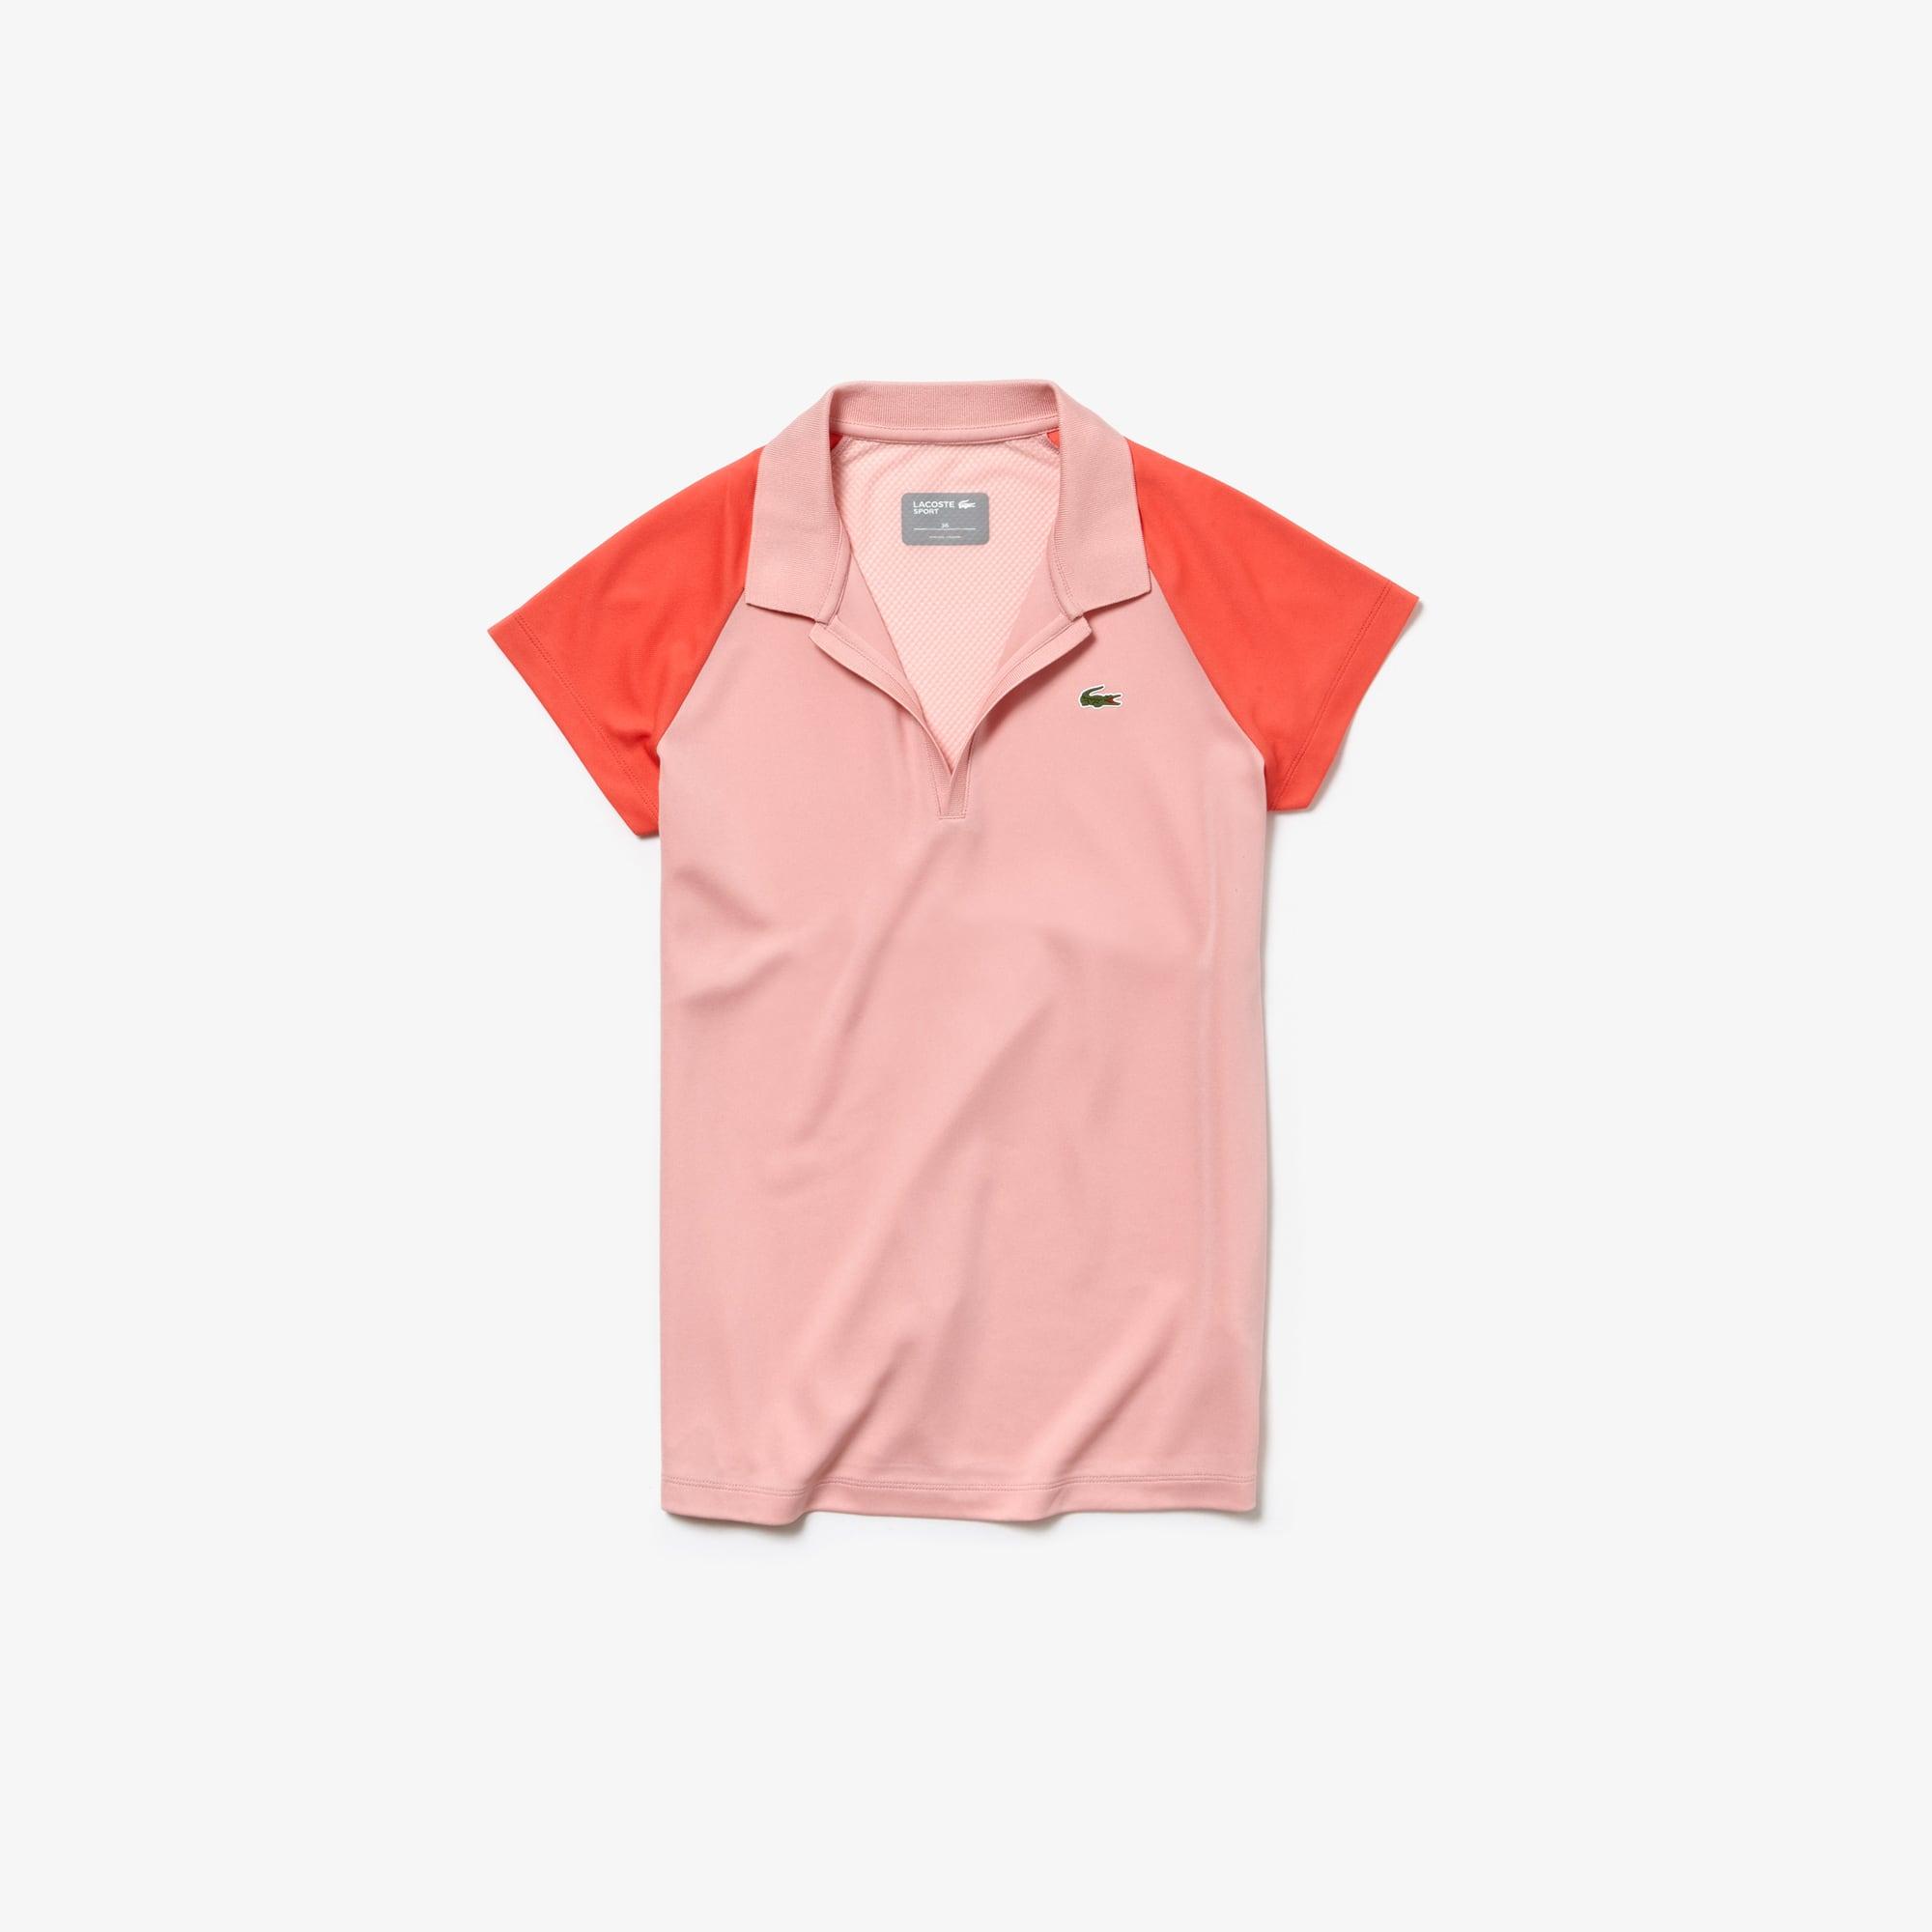 라코스테 테니스 반팔 티셔츠 Lacoste Womens SPORT Tech Pique Tennis Polo,pink / red